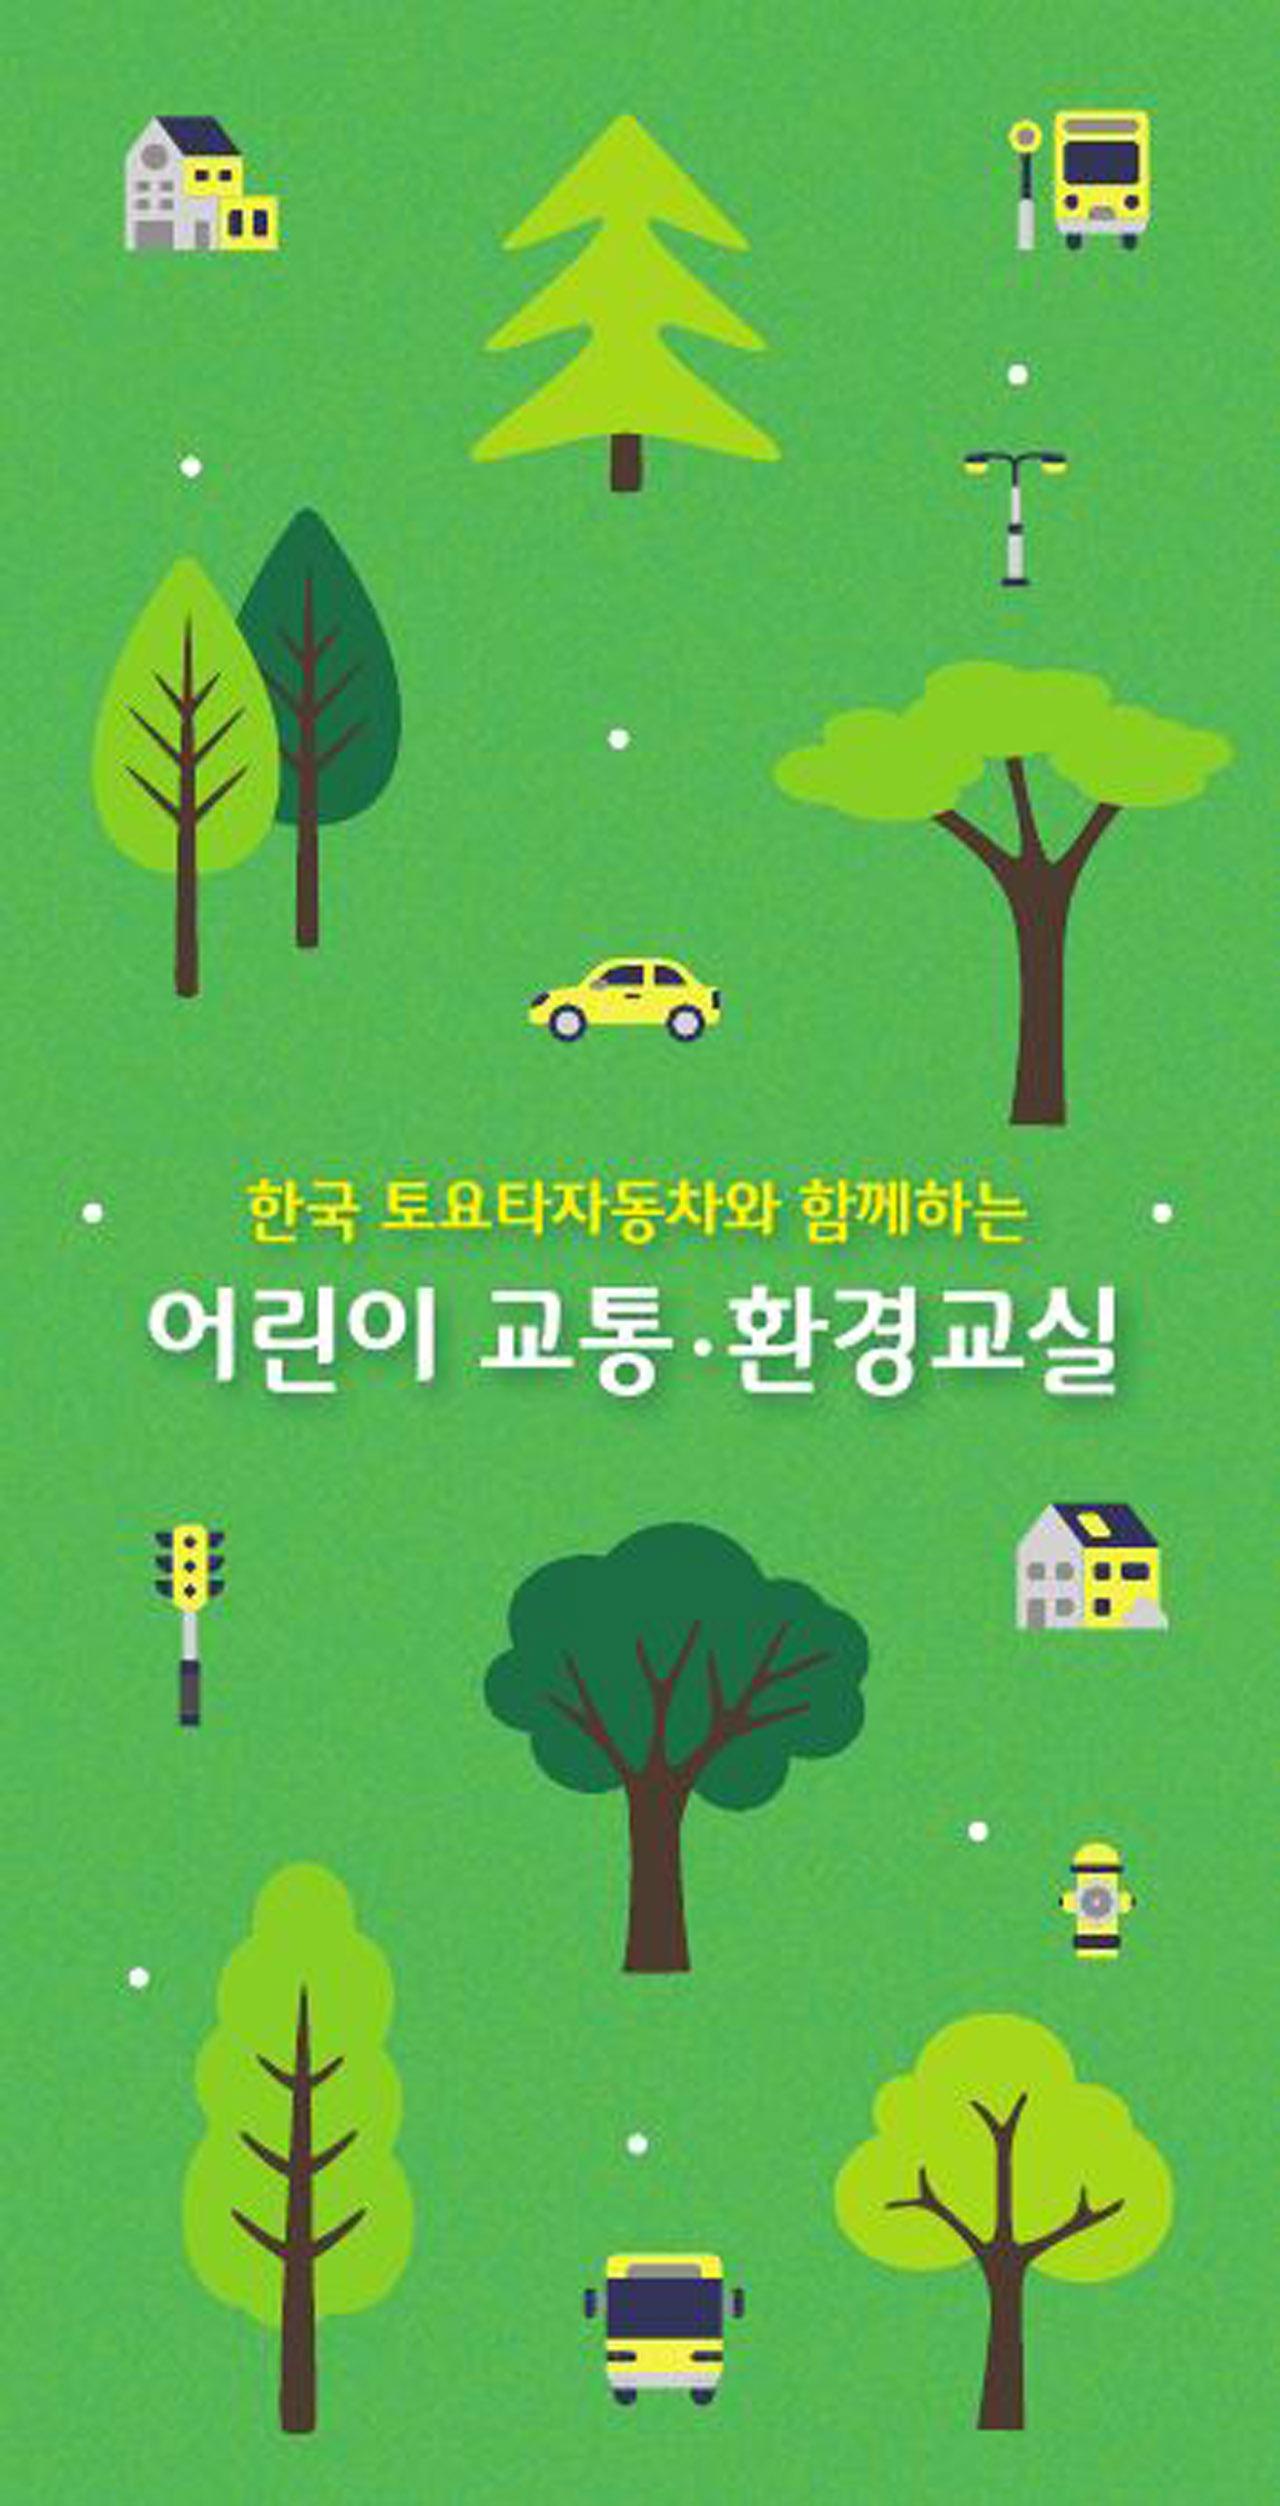 [사진자료_2] 한국 토요타 자동차, 2018 _어린이 교통안전_환경 교실_ 실시